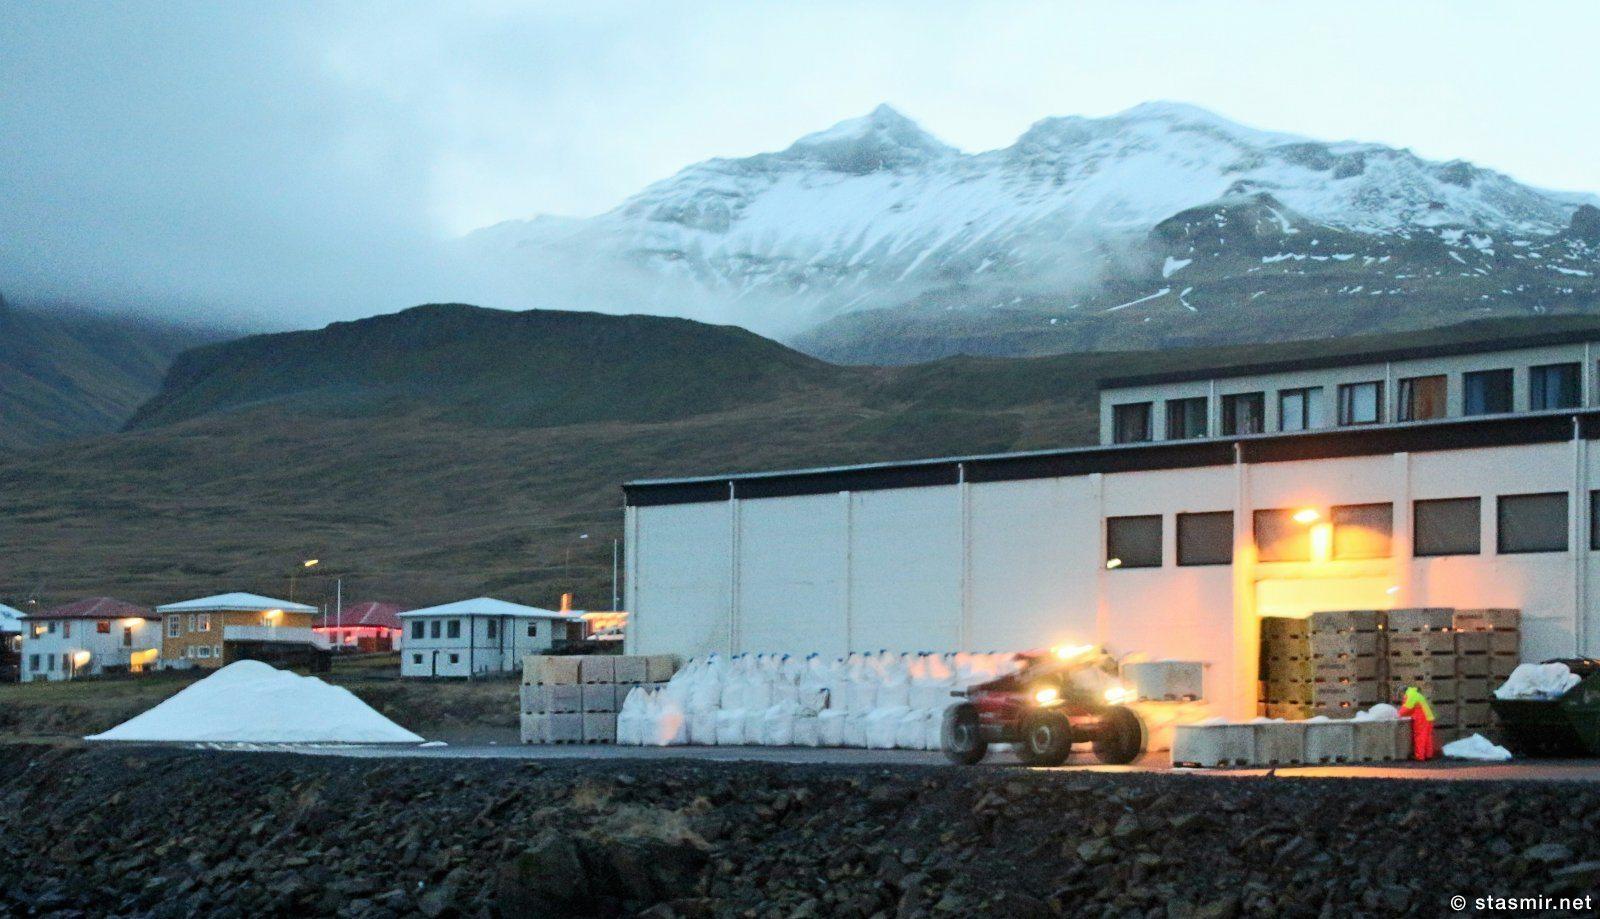 Грюндарфьёрдю, Западная Исландия, завод соленой трески, бакалао, фото Стасмир, photo Stasmir, stasmirnet, stasmircom